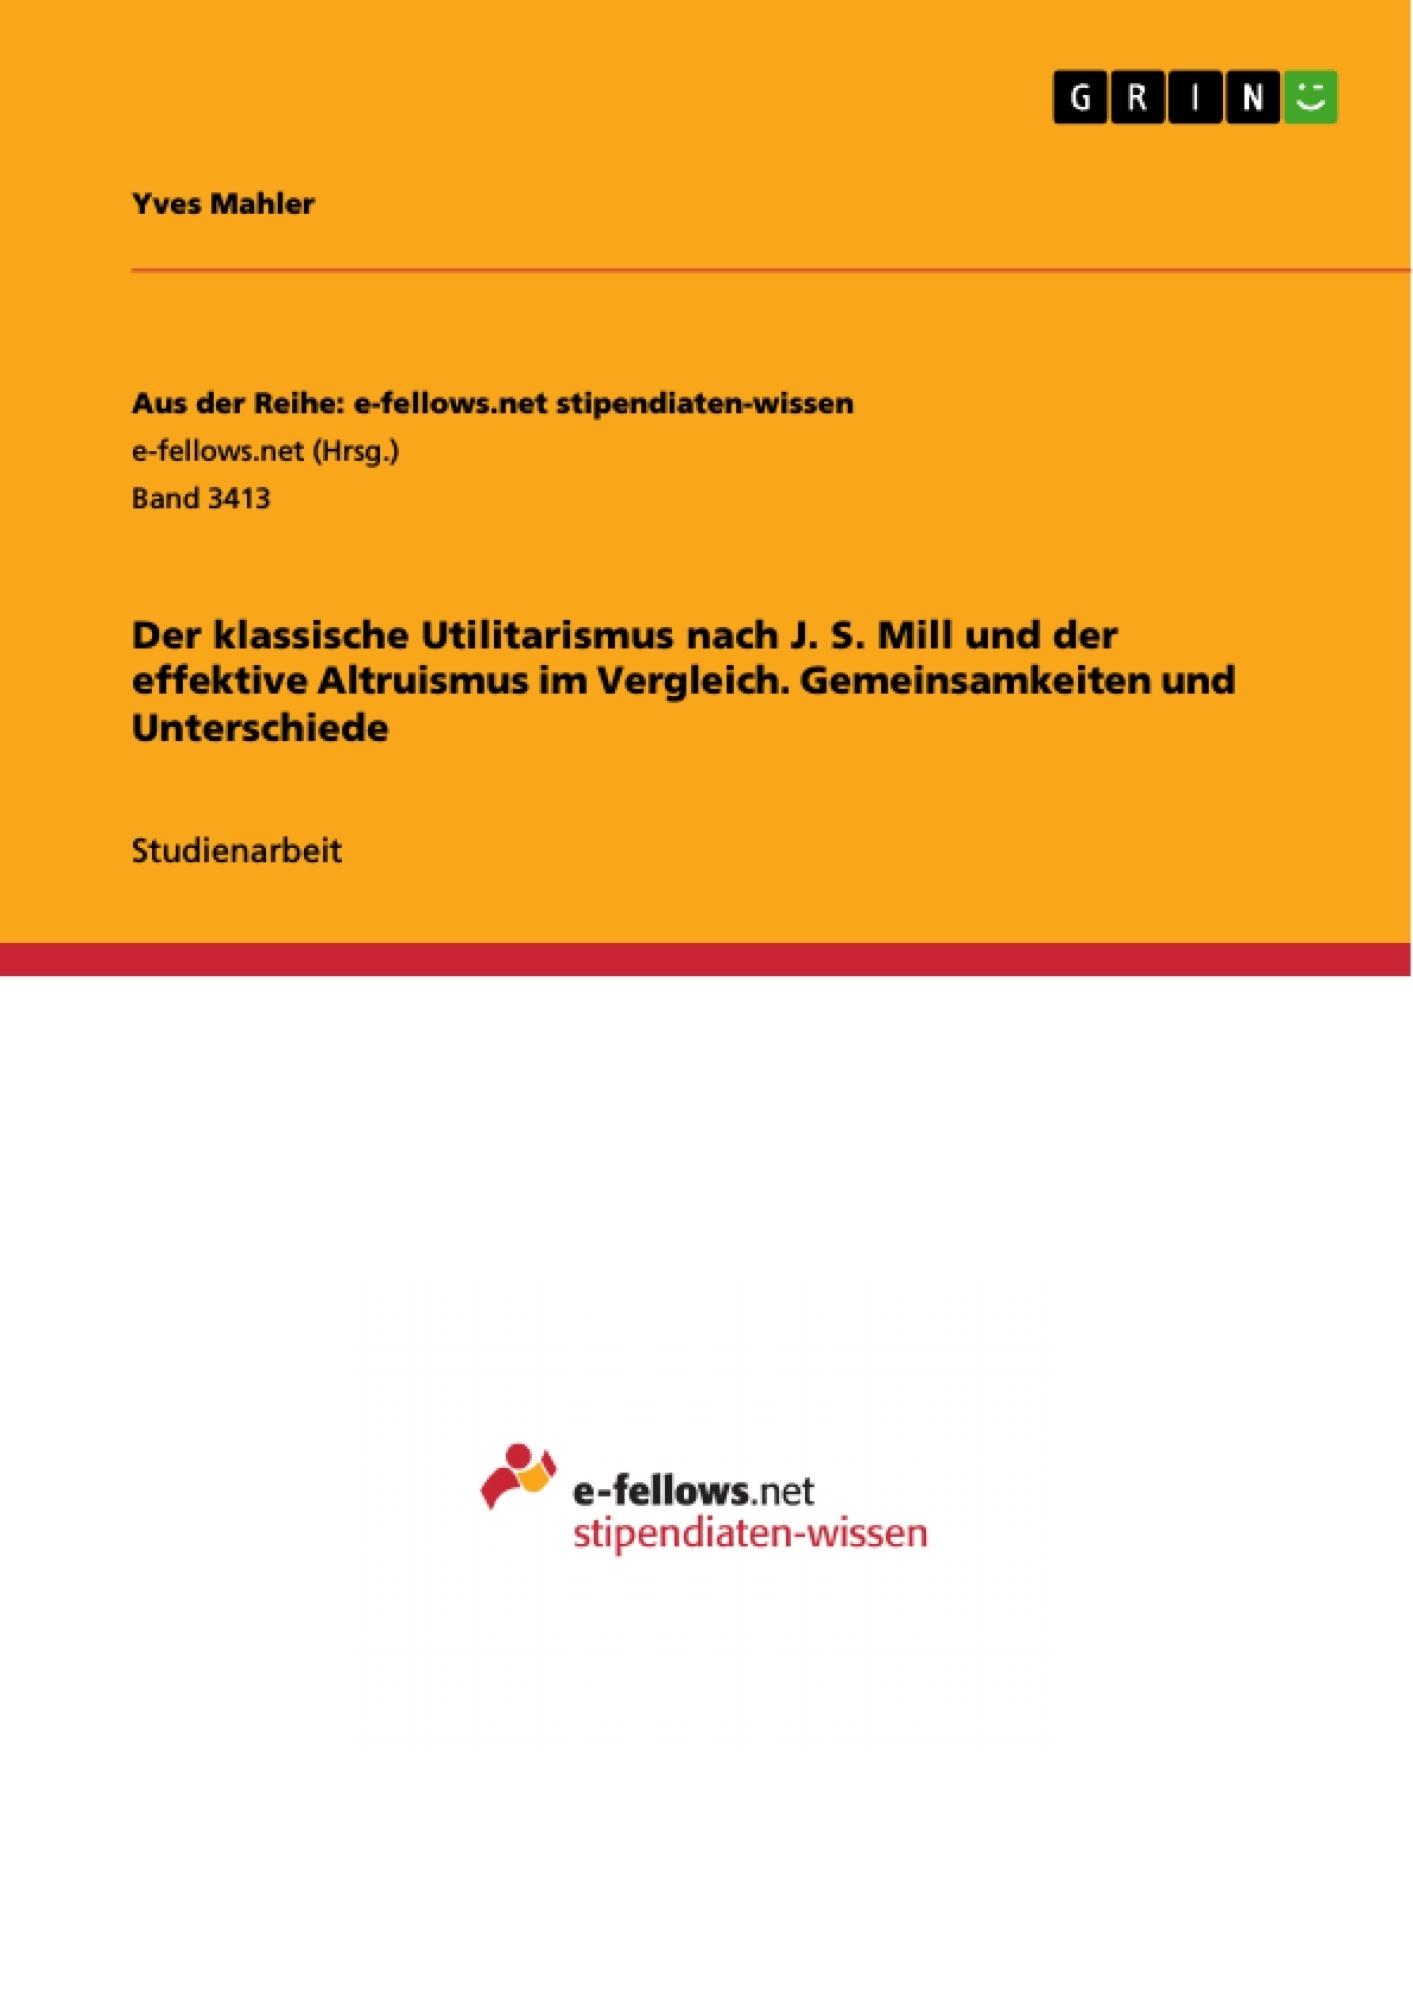 Titel: Der klassische Utilitarismus nach J. S. Mill und der effektive Altruismus im Vergleich. Gemeinsamkeiten und Unterschiede